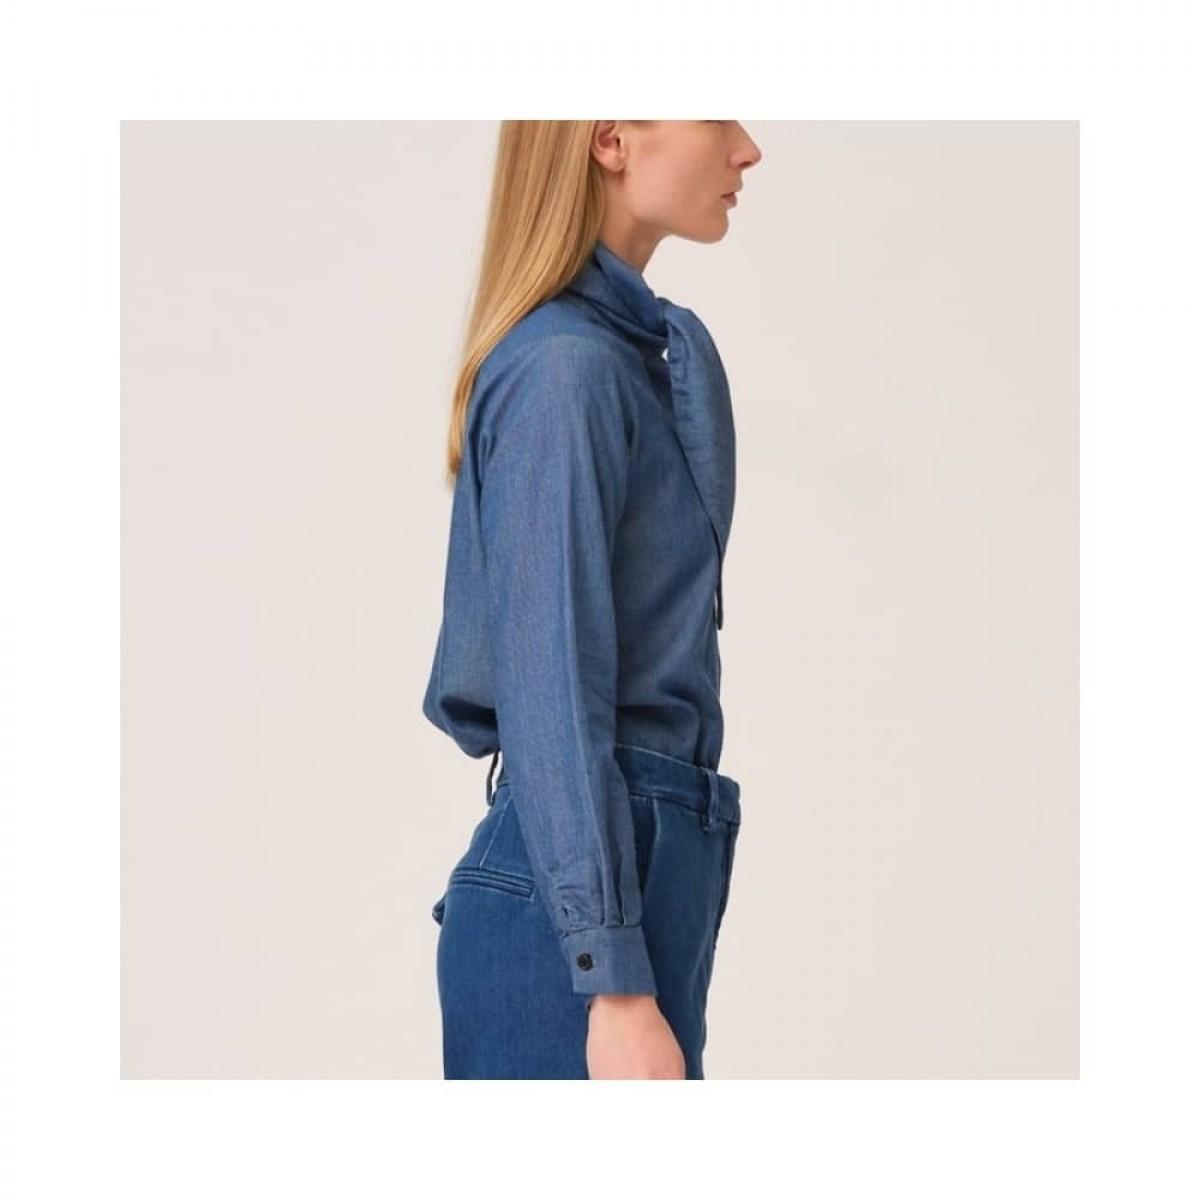 marston bow shirt - denim blue - model fra siden